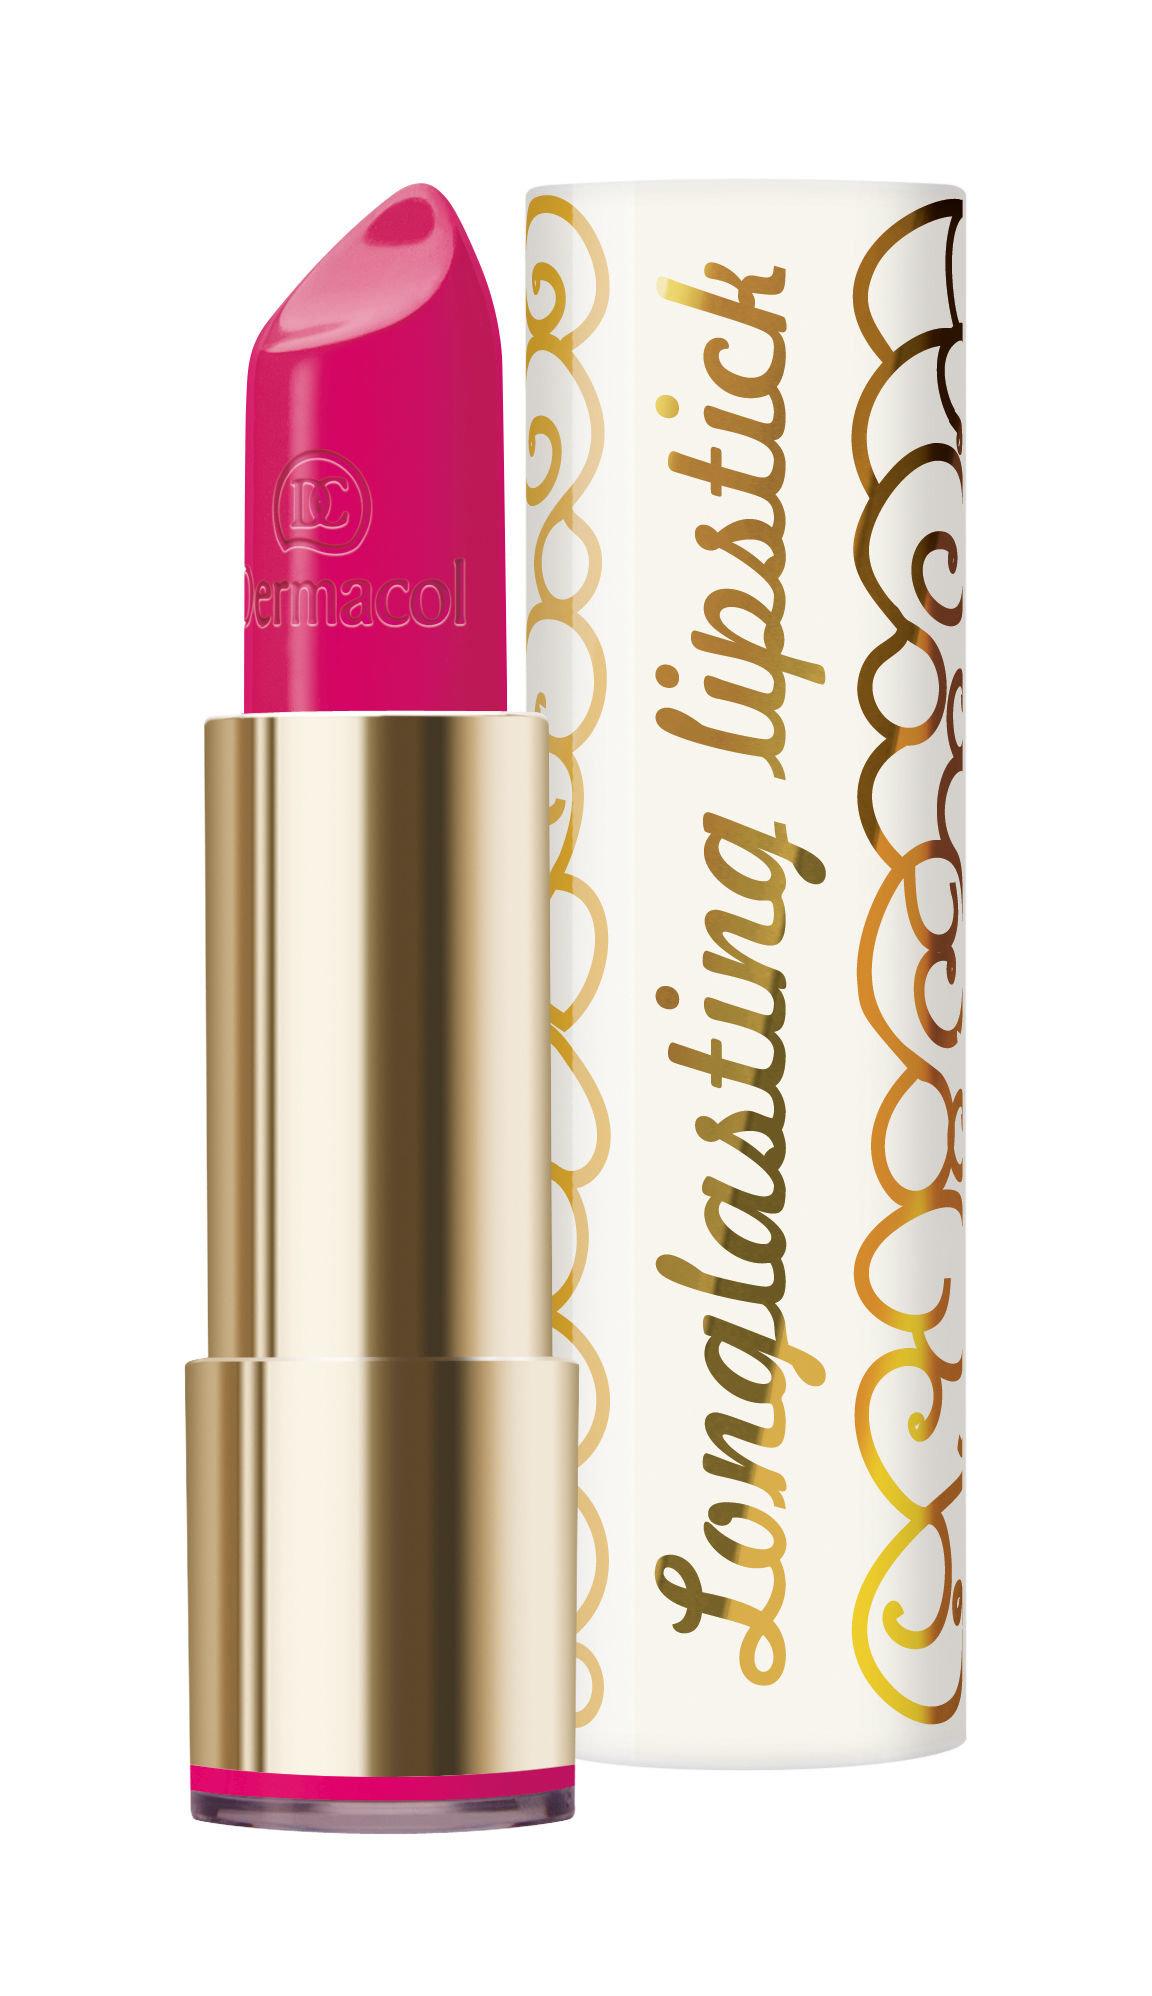 Dermacol Longlasting Cosmetic 4,8ml 04